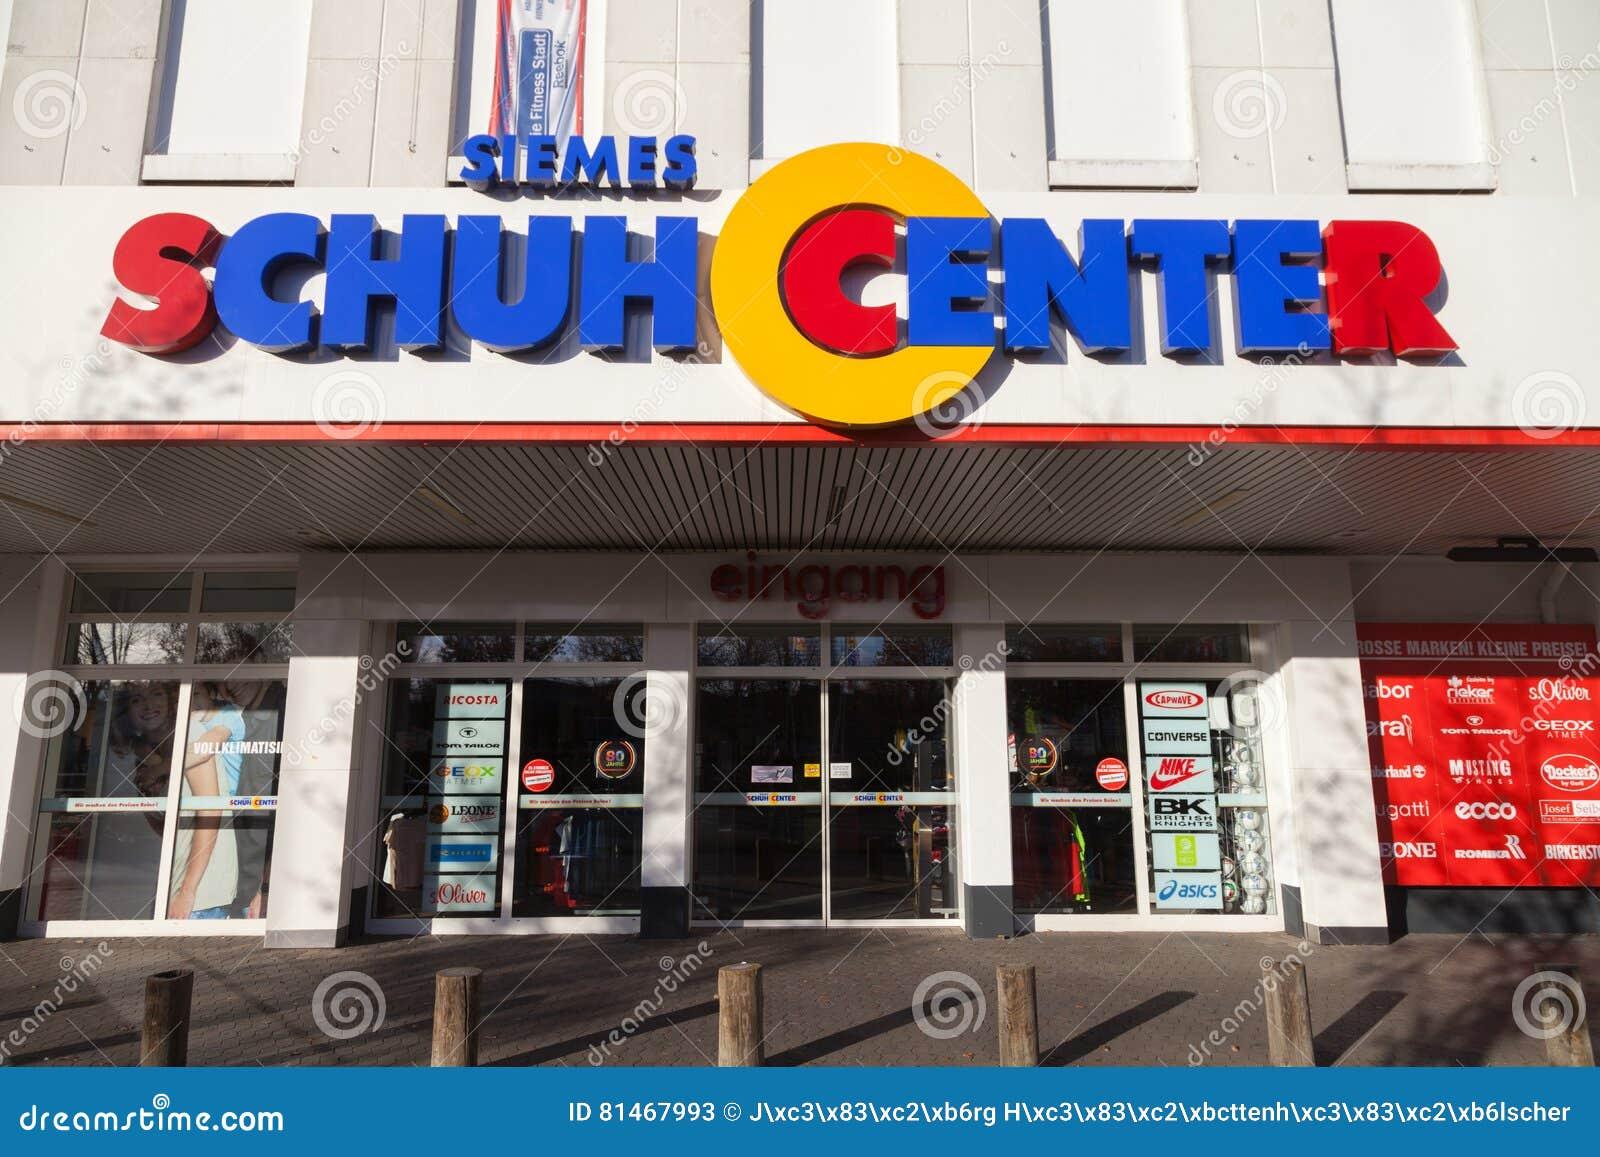 best service 4f59d 6bdd0 Siemes Schuhcenter Shoe Center Store Editorial Stock Photo ...